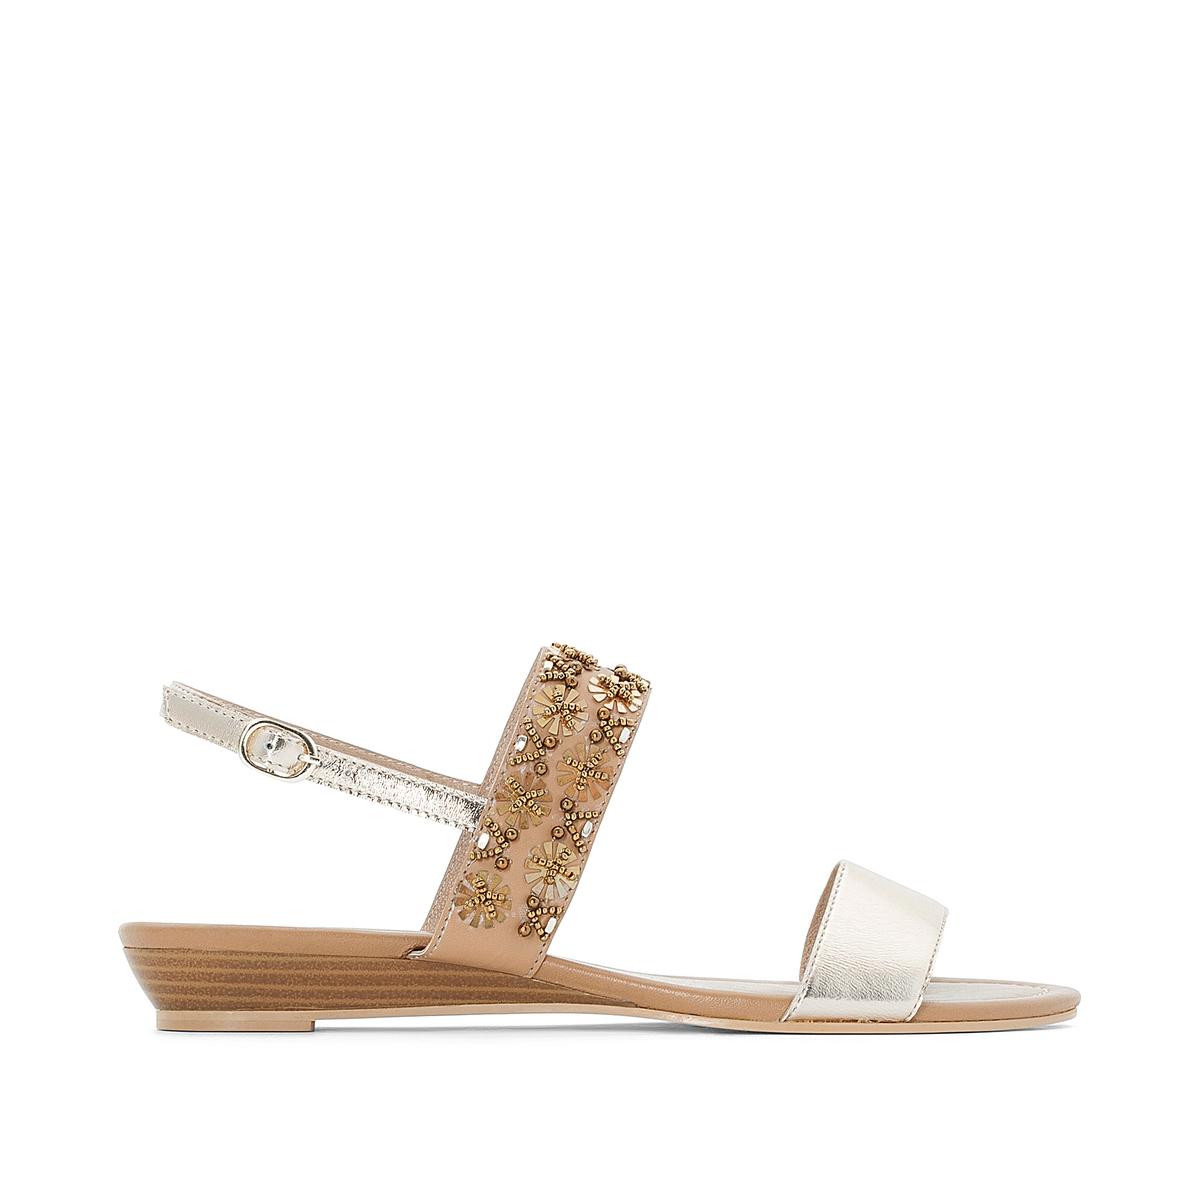 Sandalias de piel metalizadas con detalles de cuen